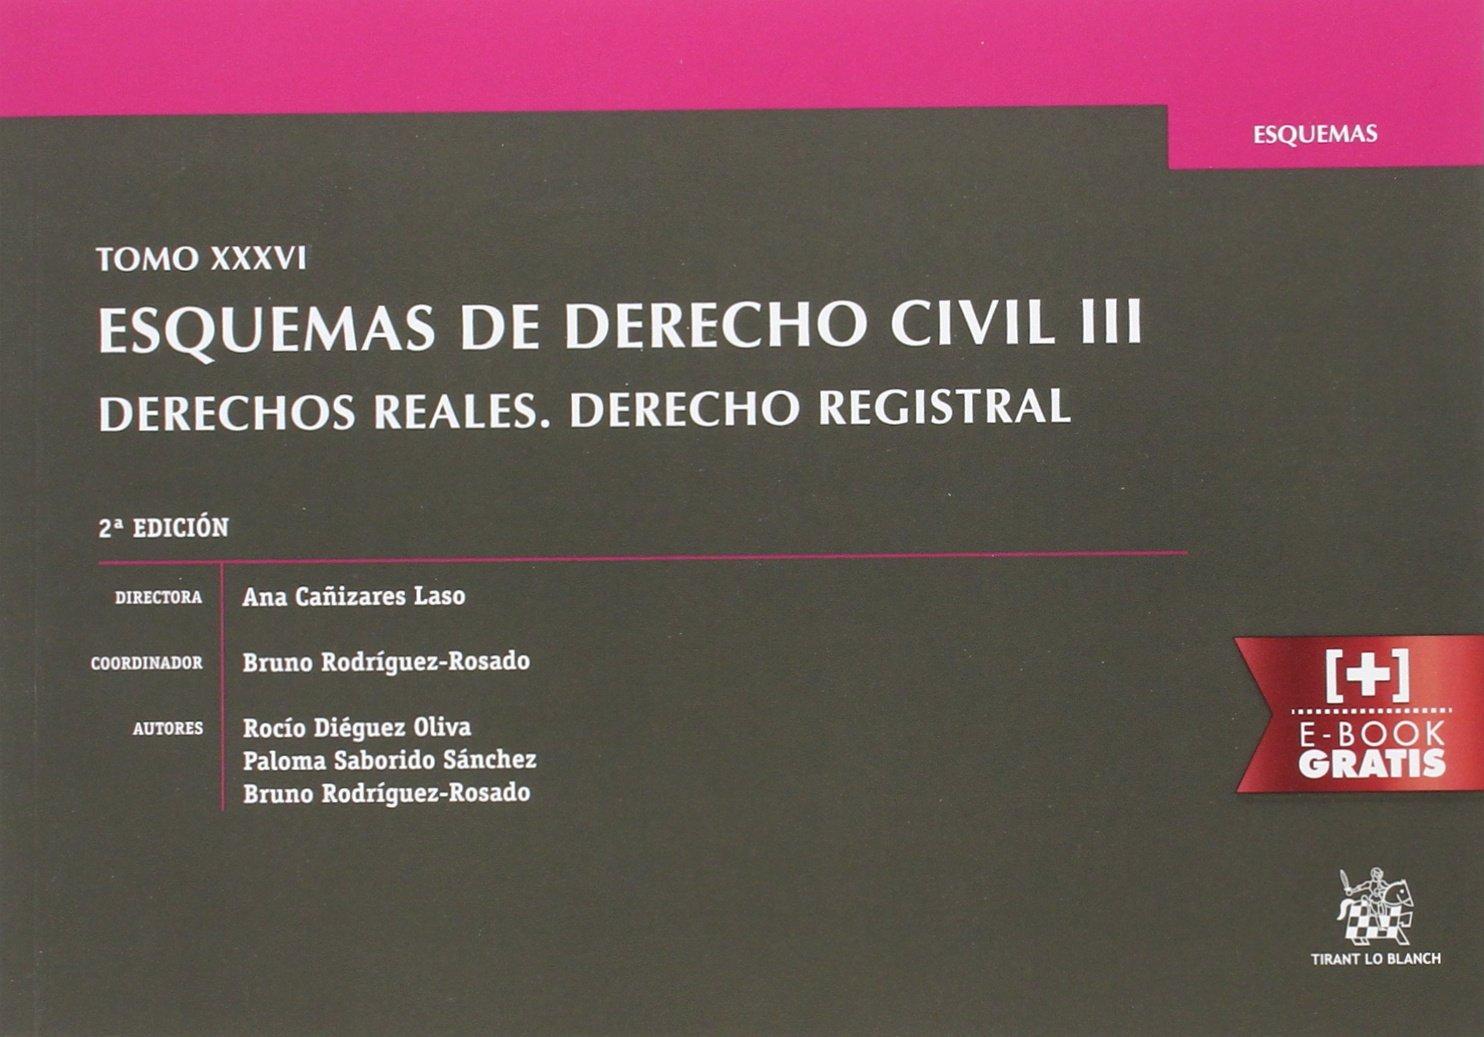 Tomo XXXVI Esquemas de Derecho Civil III Derechos Reales. Derecho Registral 2ª Edición: Amazon.es: Ana Cañizares Laso: Libros